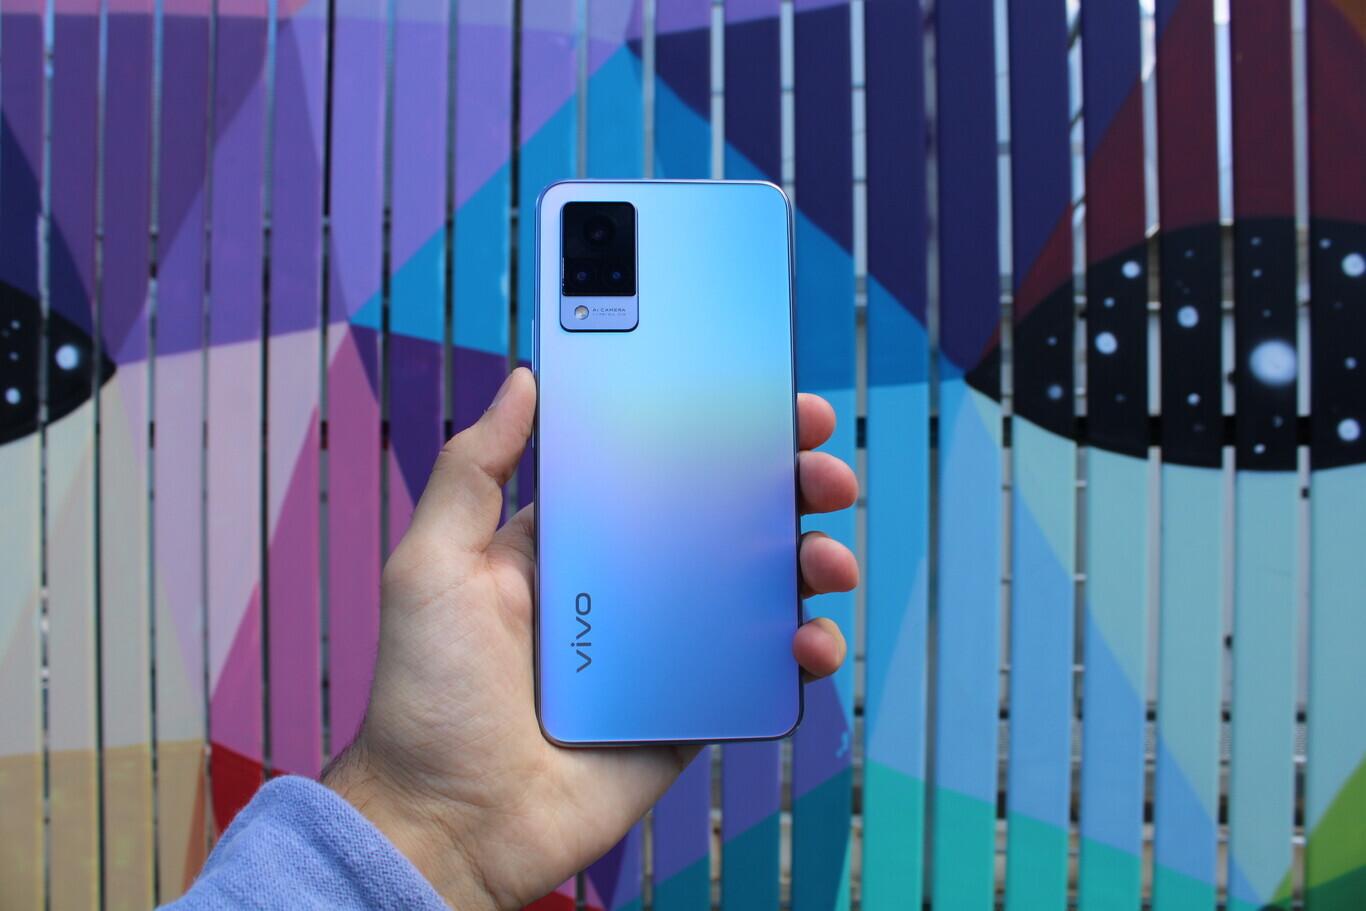 La nueva marca de Smartphones que quiere dominar el mercado